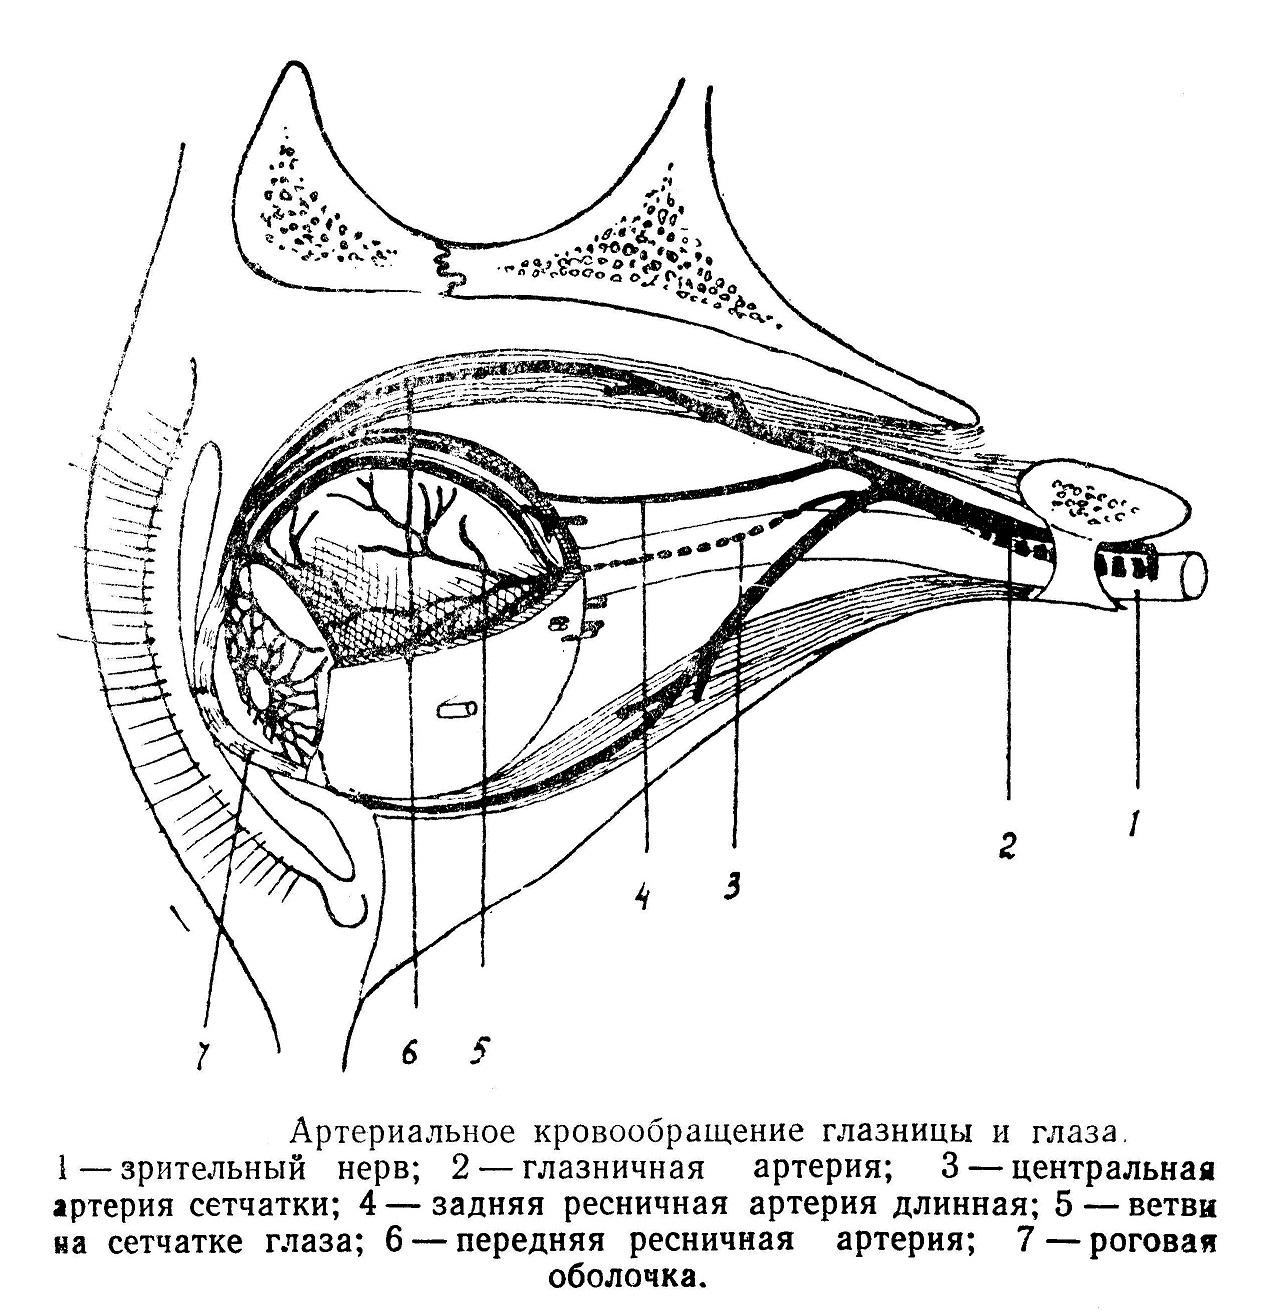 Артериальное кровообращение глазницы и глаза